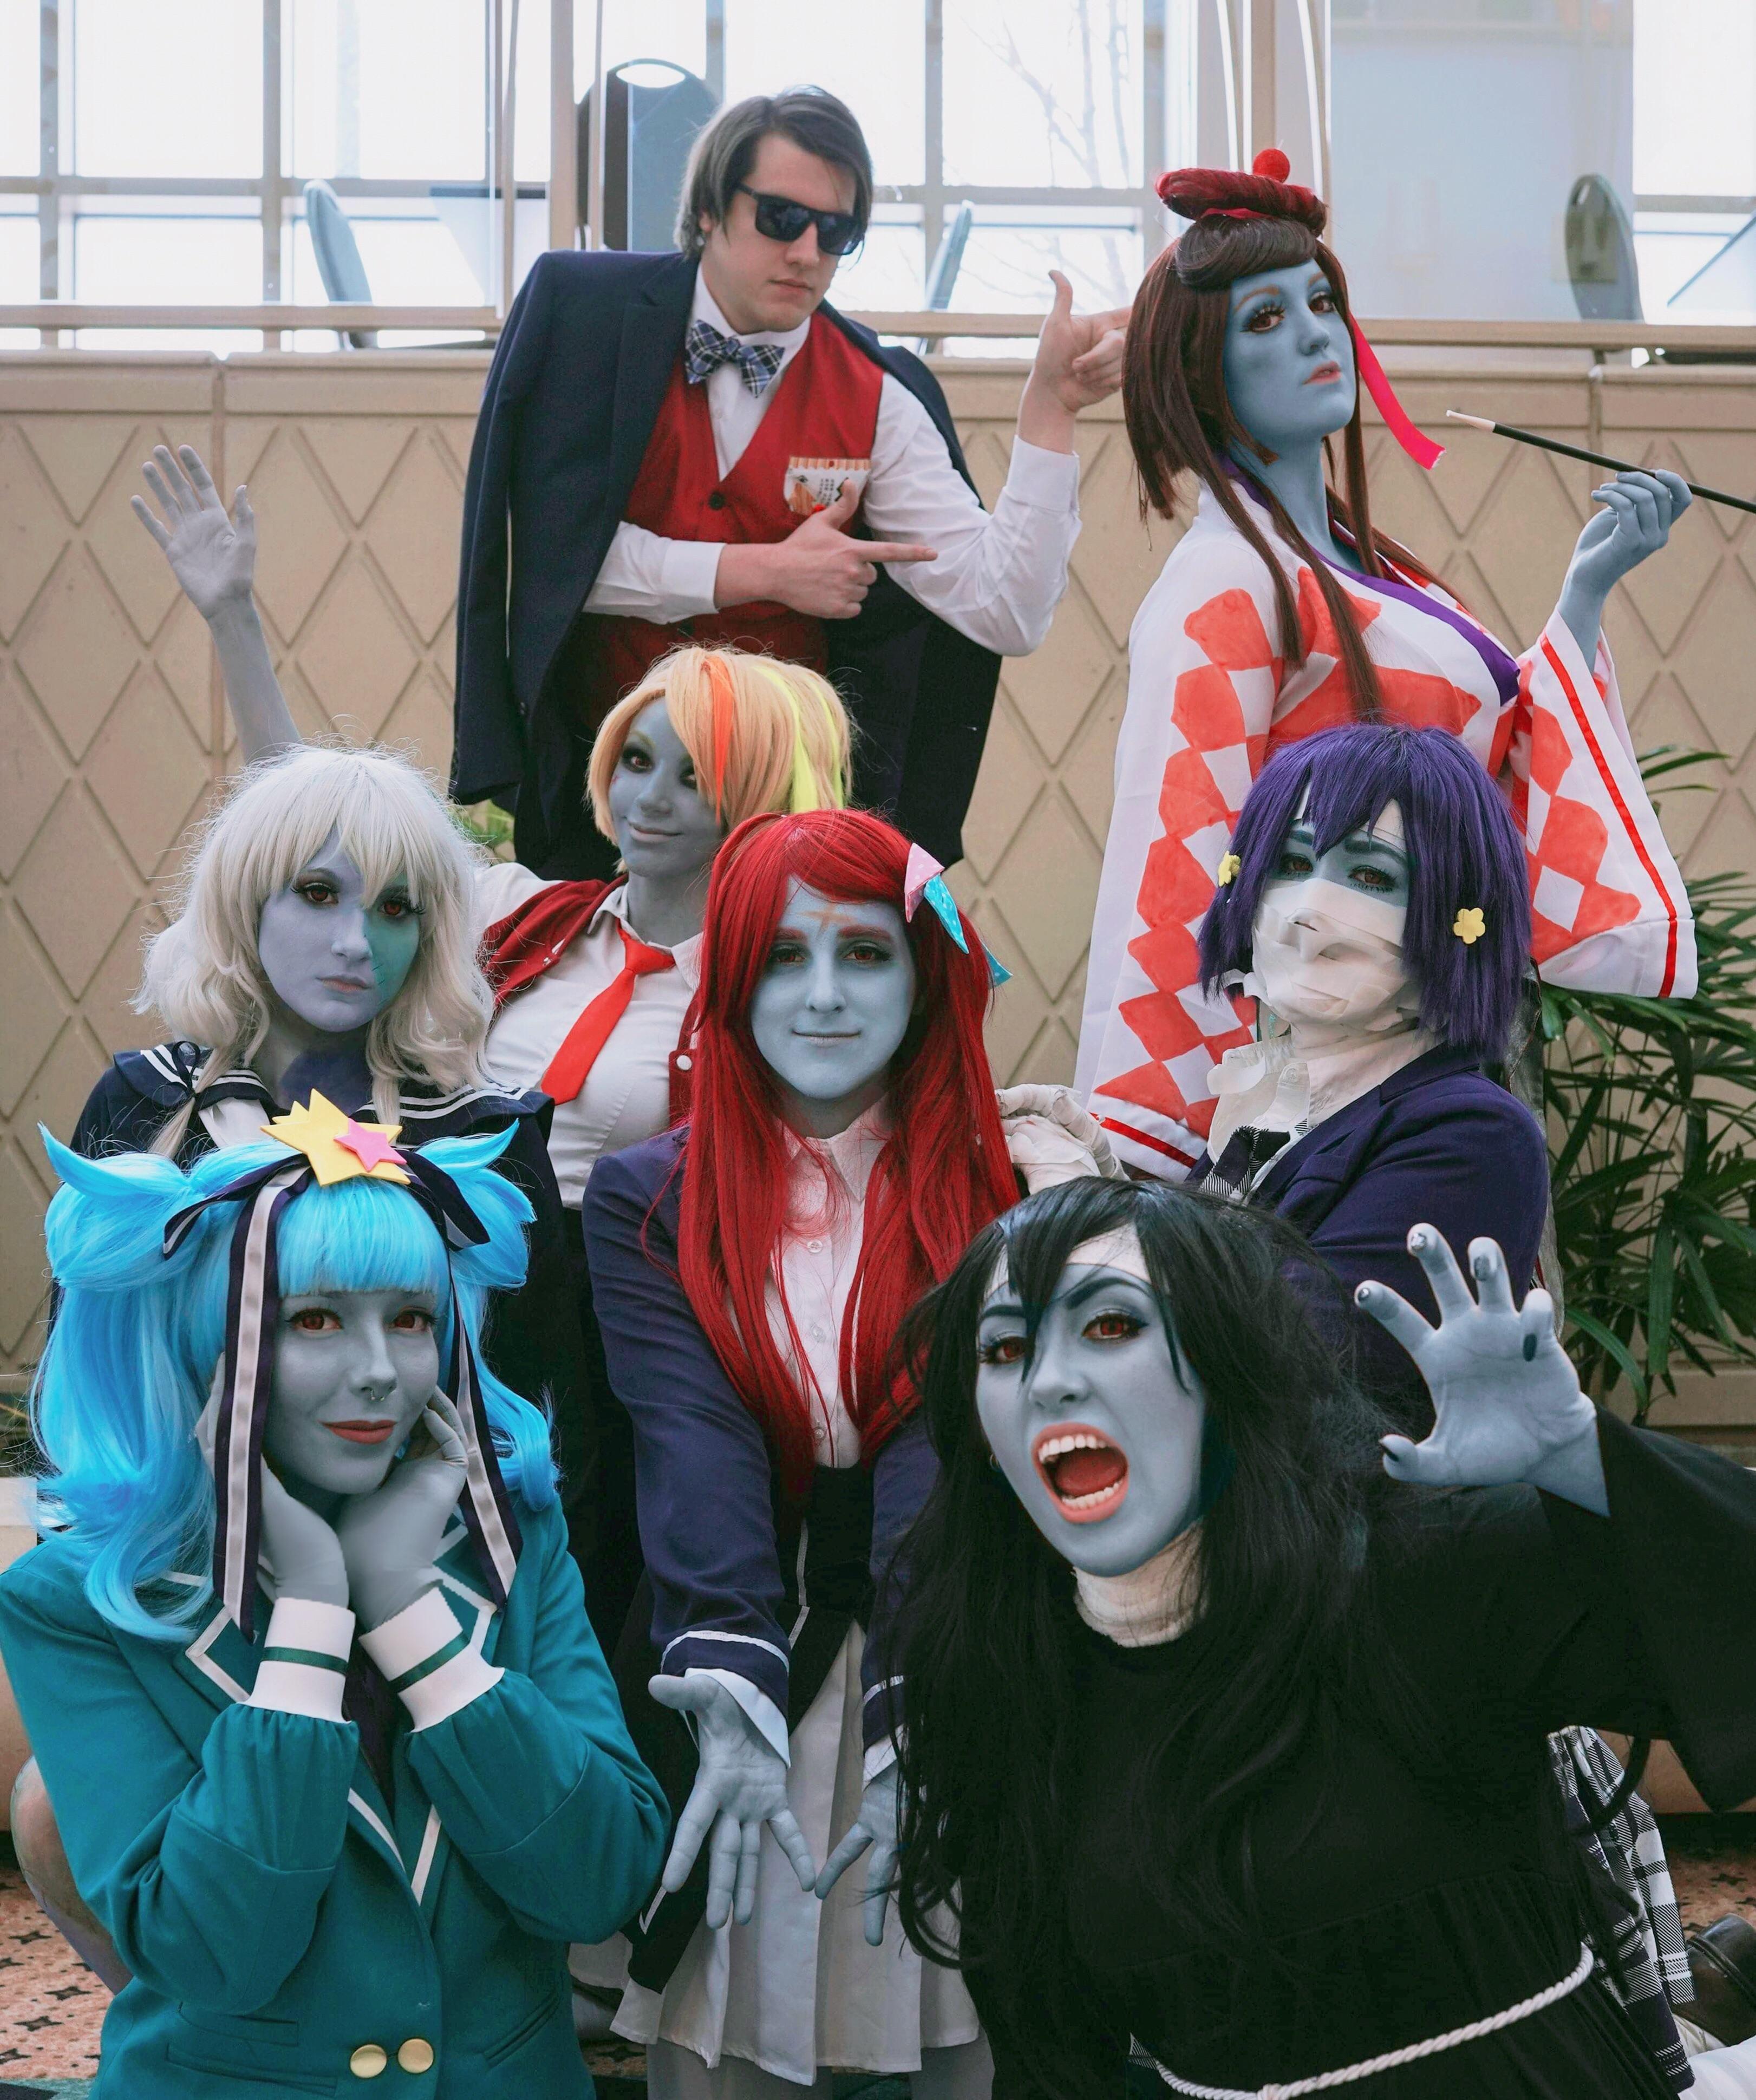 Zombieland Saga Cosplay